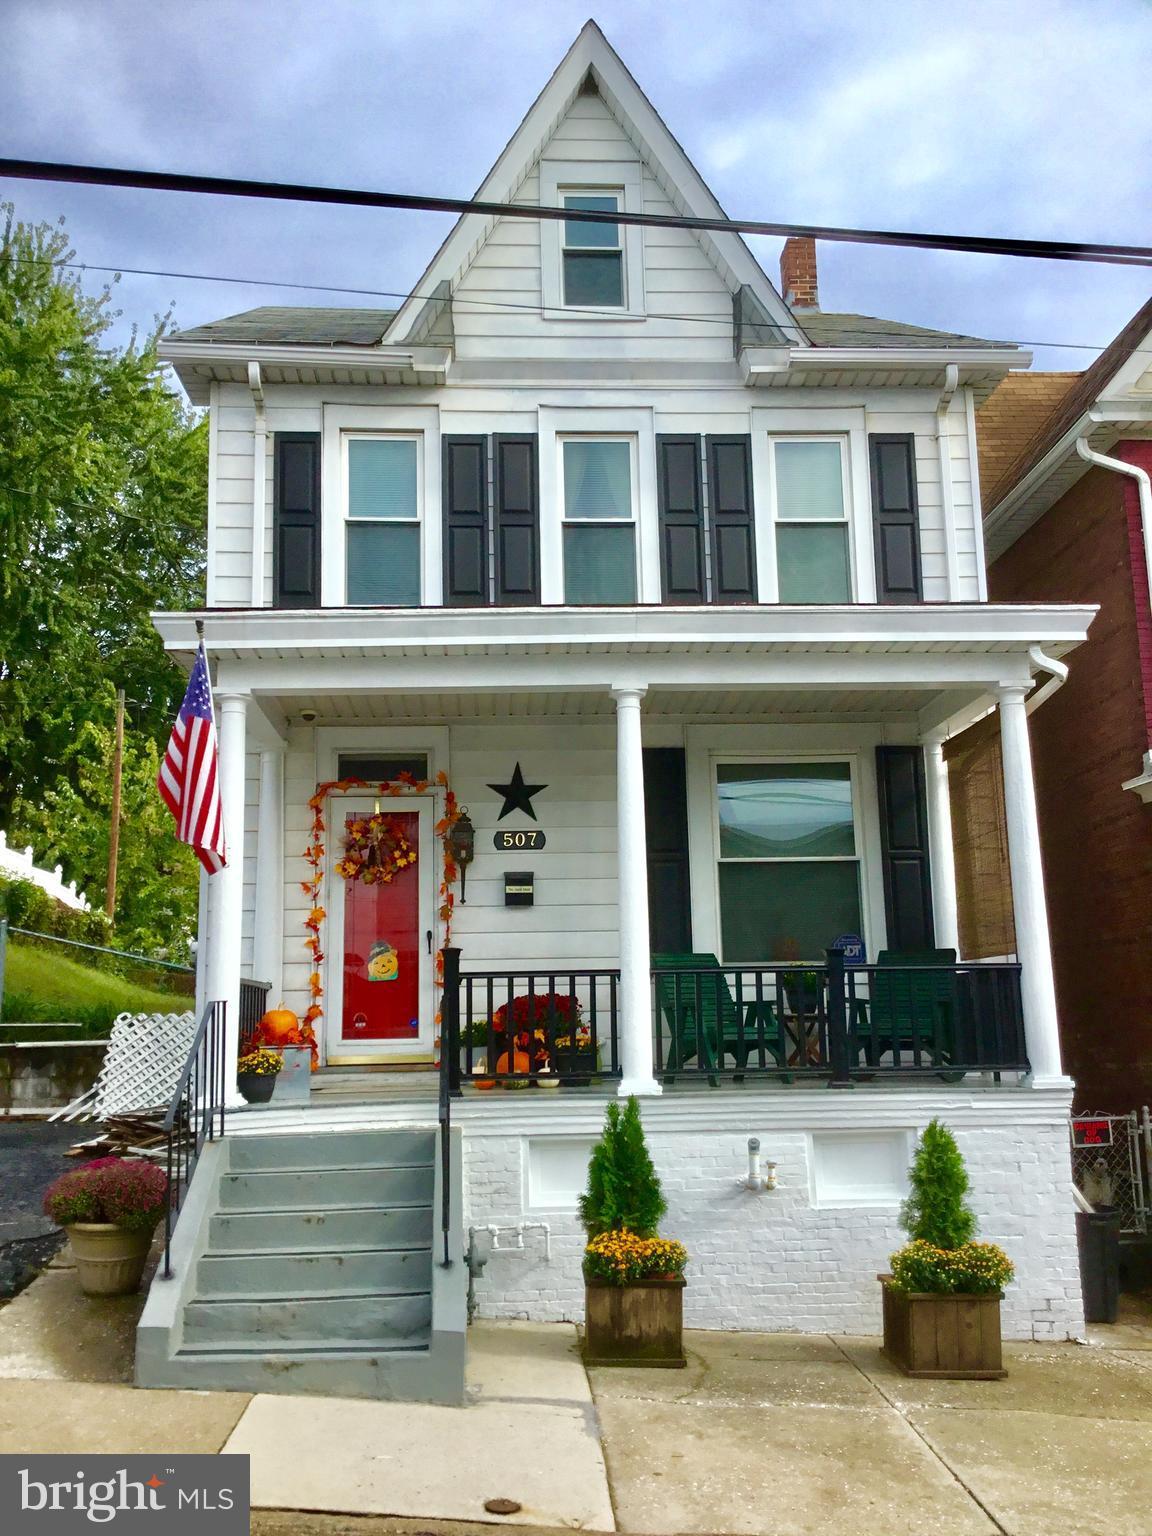 507 N 2ND STREET, STEELTON, PA 17113